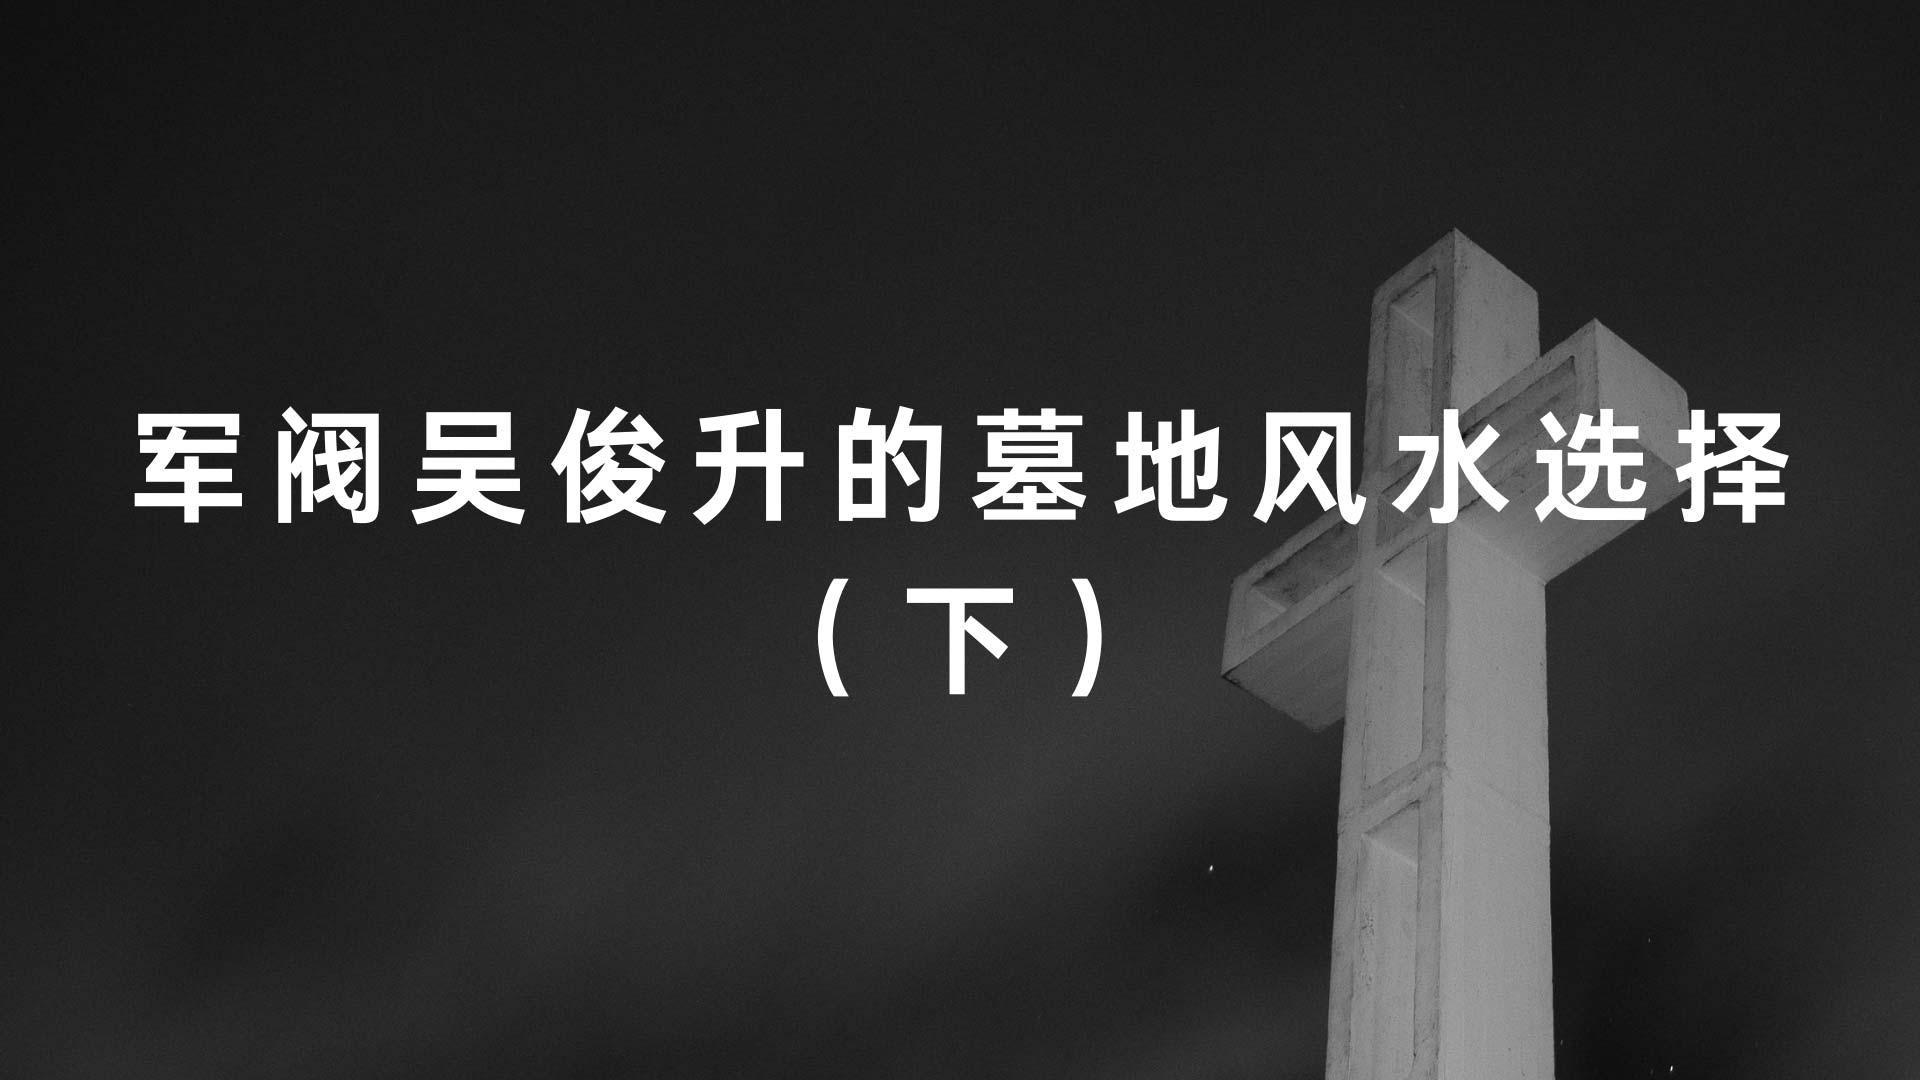 军阀吴俊升的墓地风水选择(下)